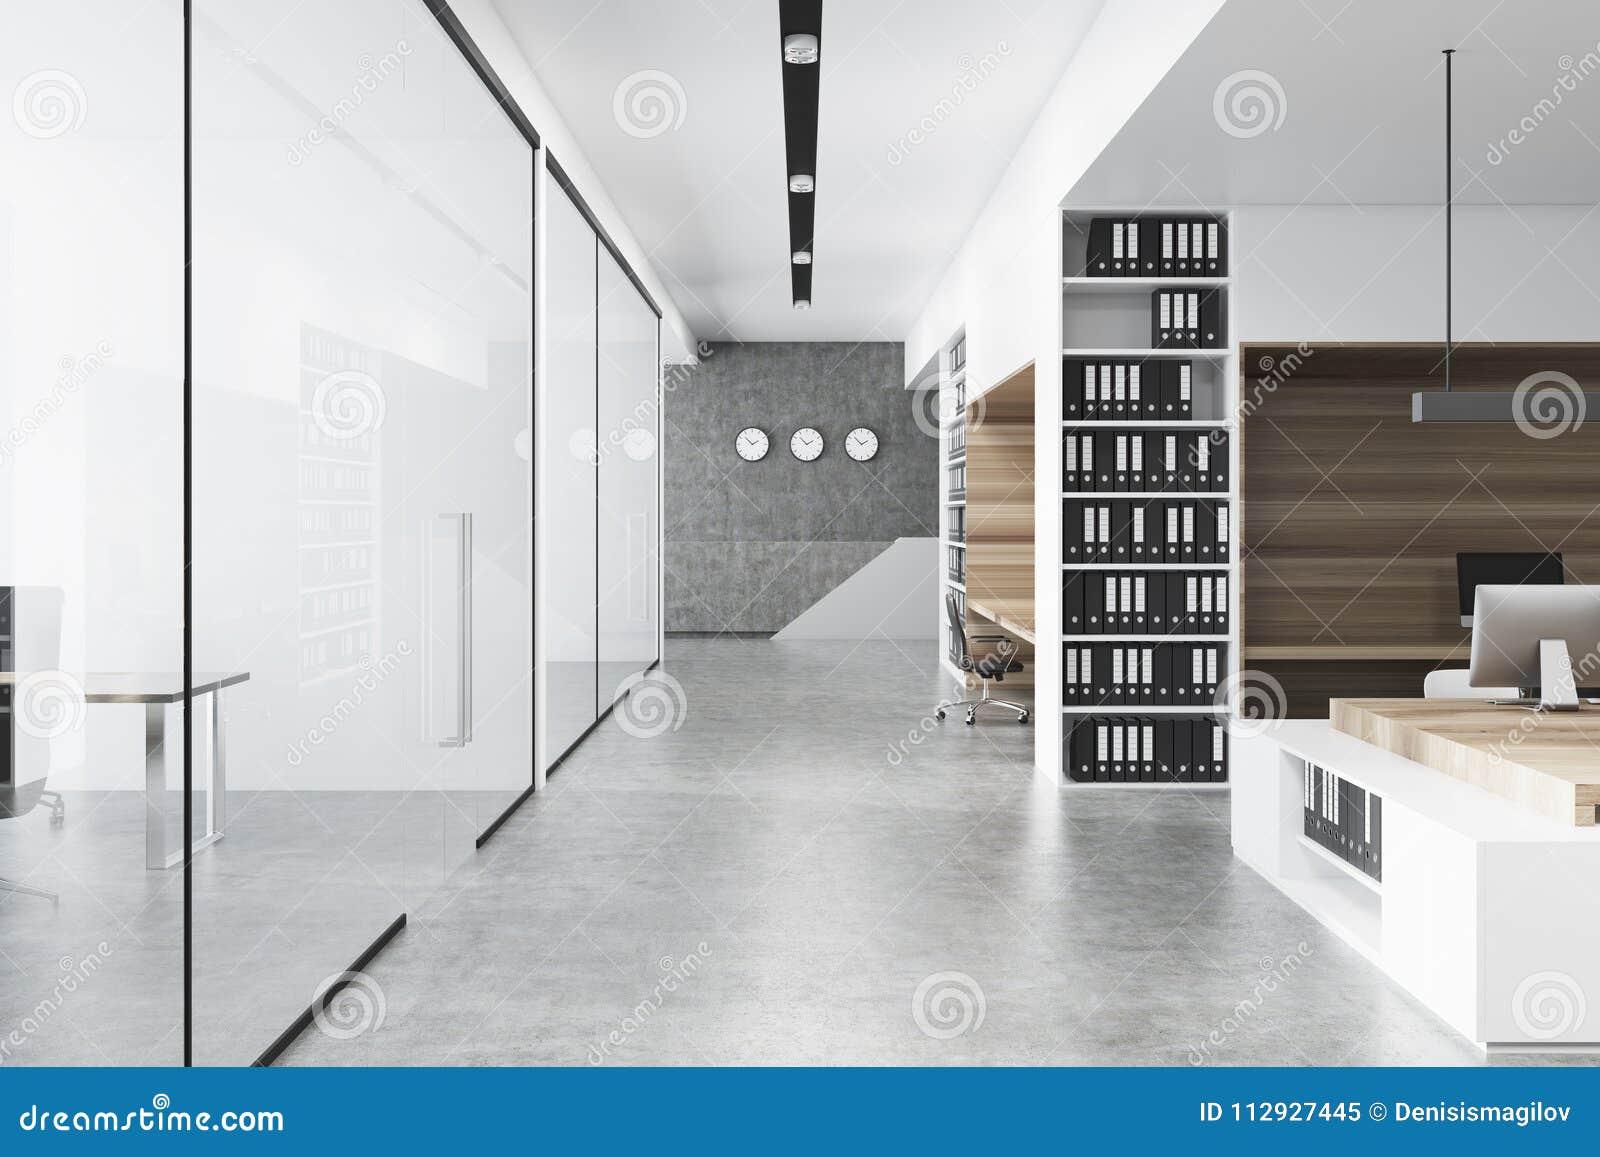 Ufficio Legno Bianco : Interno bianco e di legno dellufficio calcestruzzo illustrazione